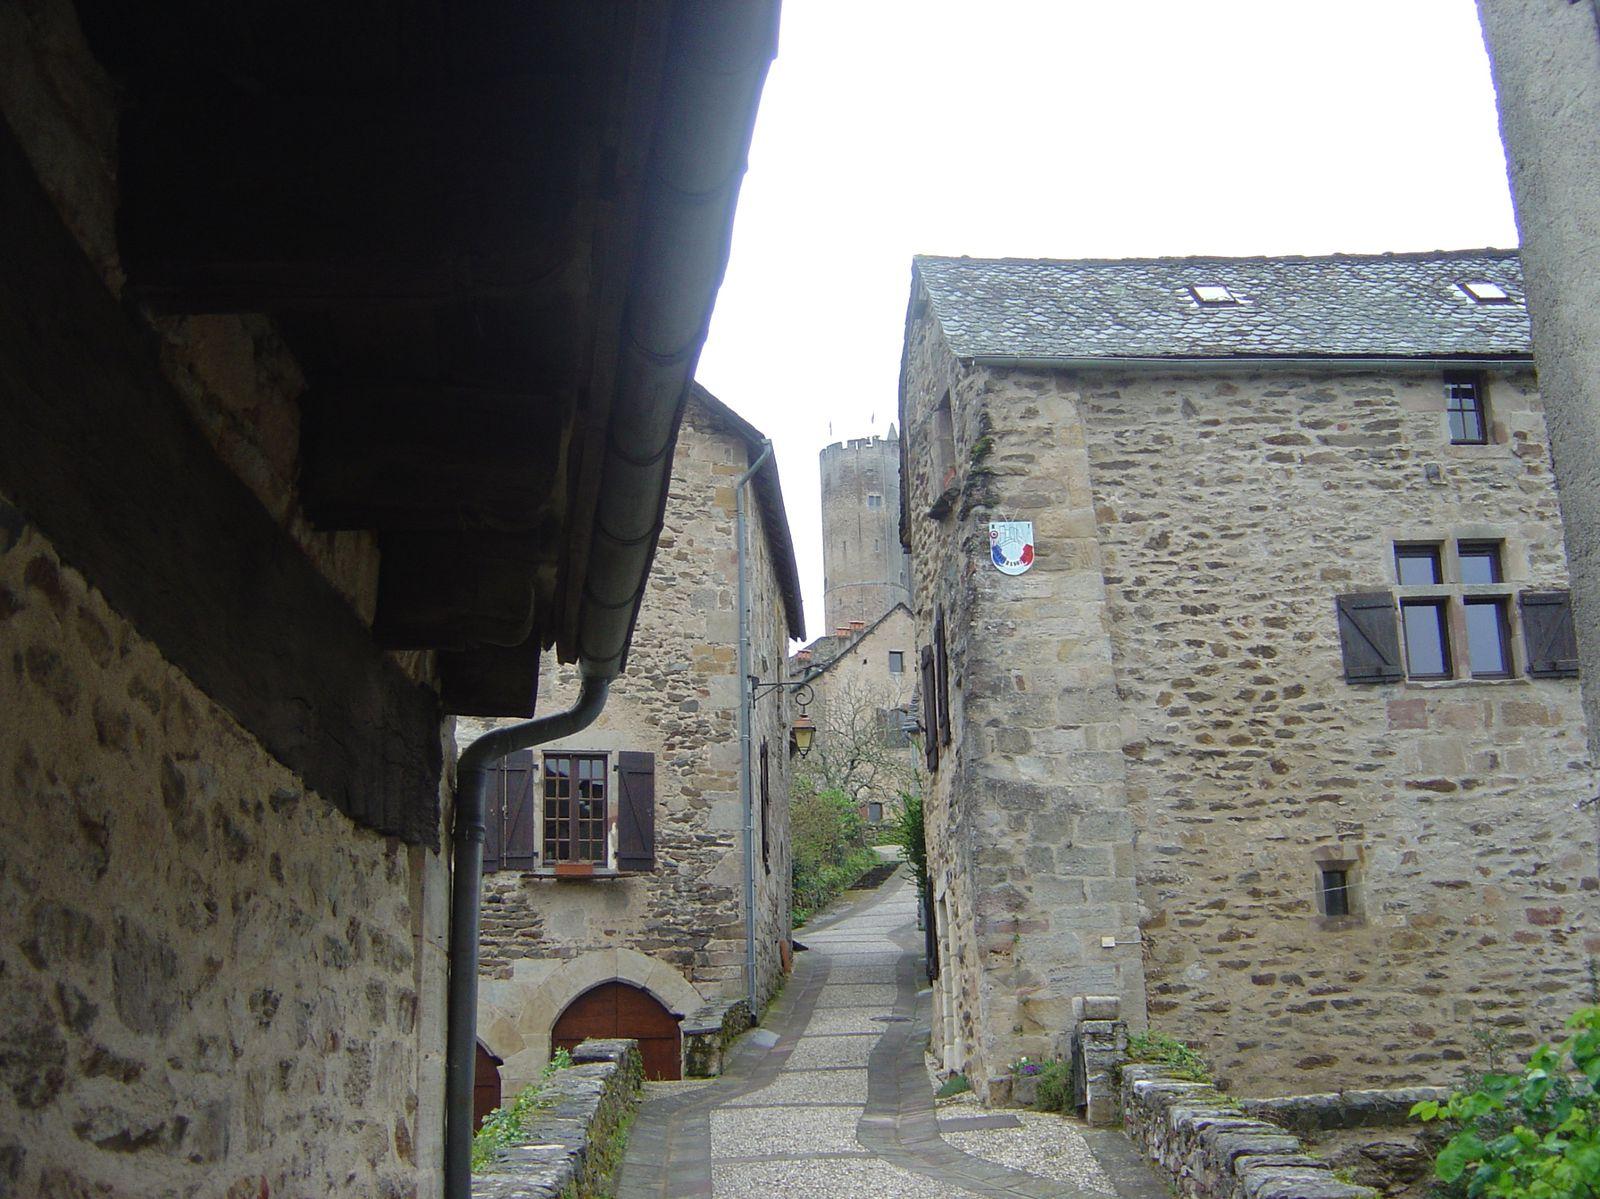 Album - Gorges du-Tarn et de l' Aveyron